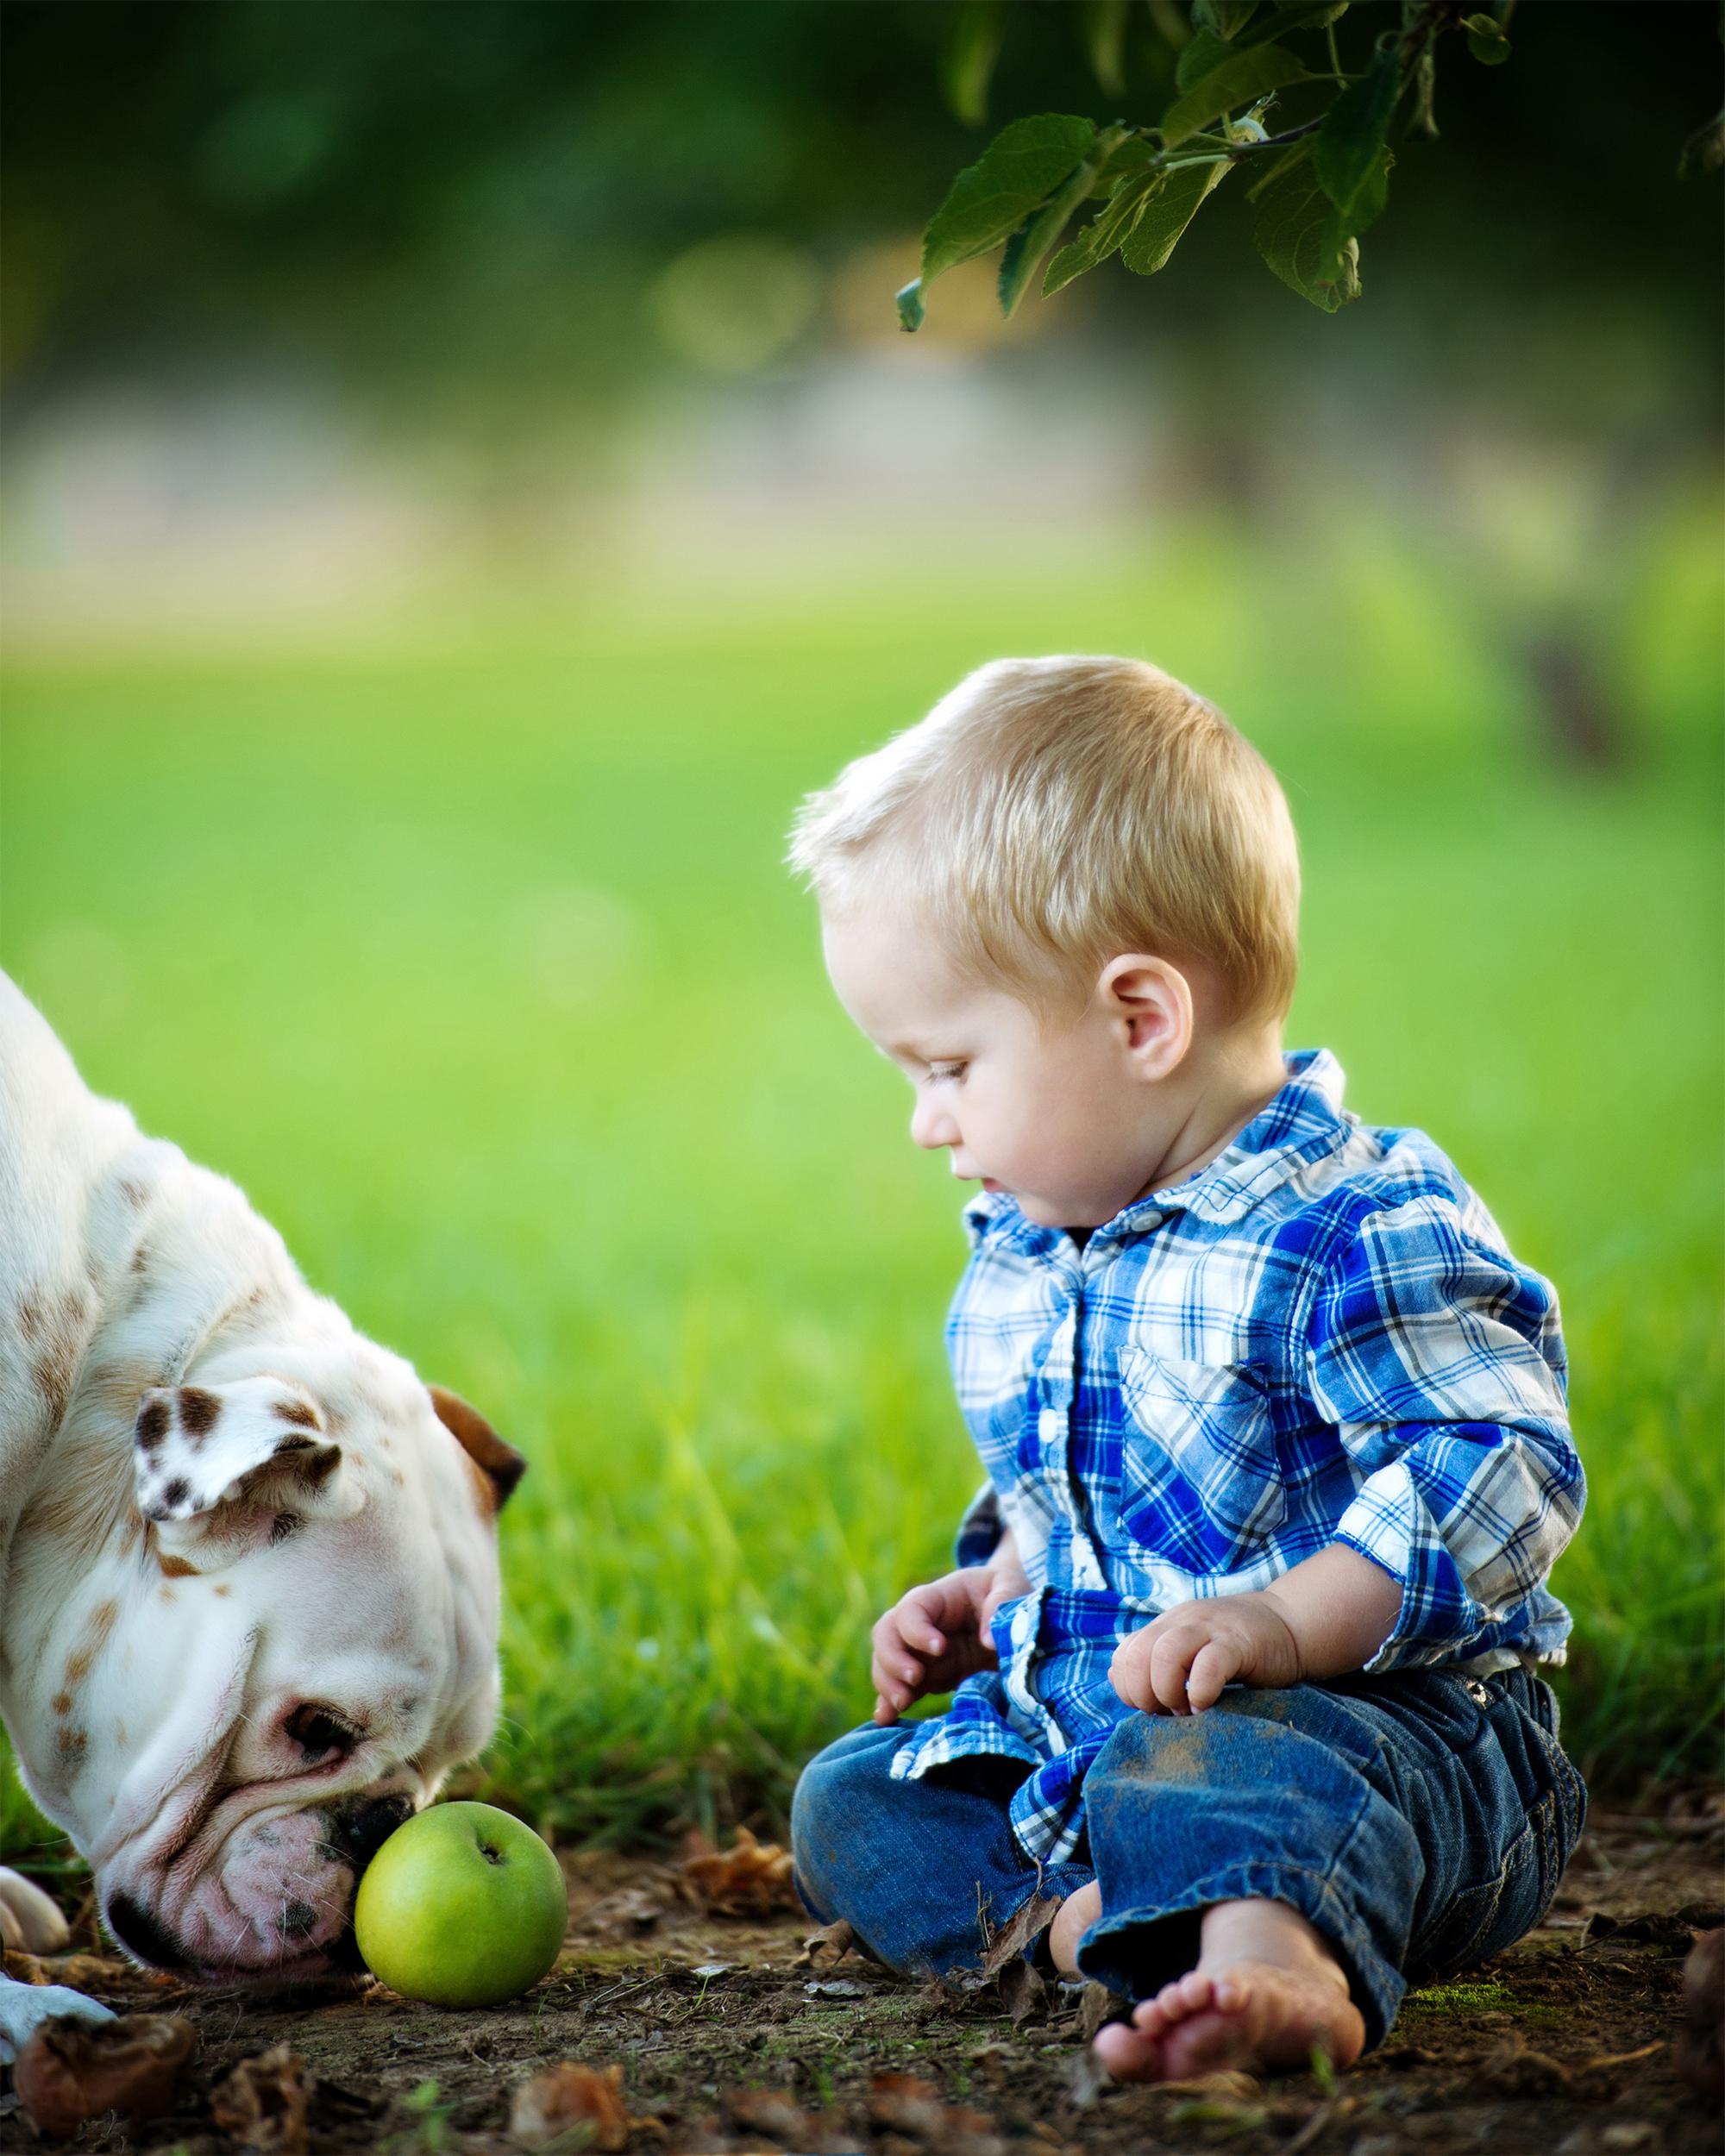 Jerb-dog-apple-website.jpg